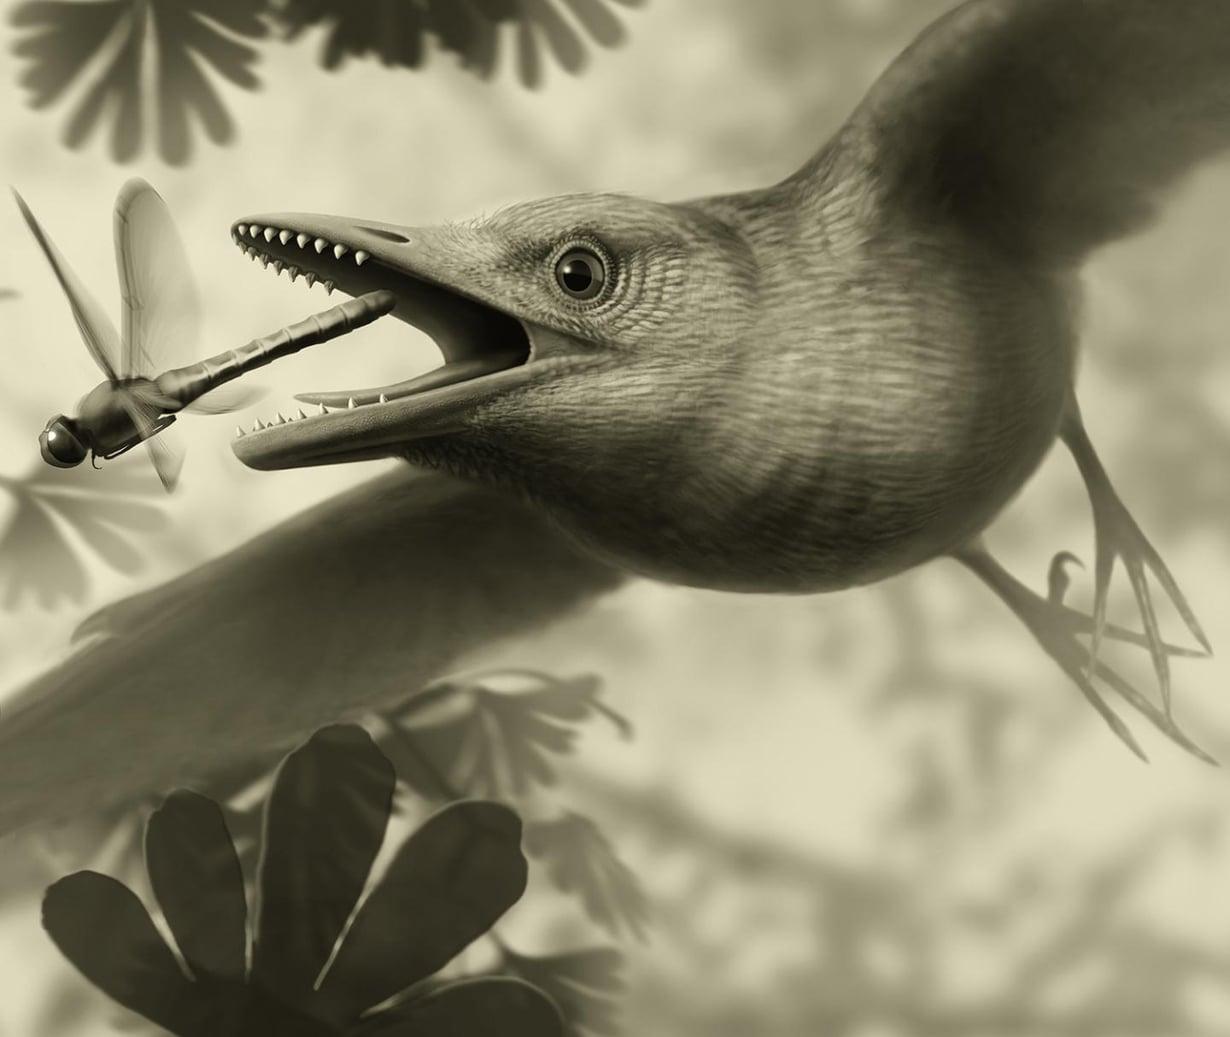 Ainakin jotkin 125 miljoonaa vuotta sitten eläneistä linnuista pystyivät lentämään. Kuva: Stephanie Abramowicz